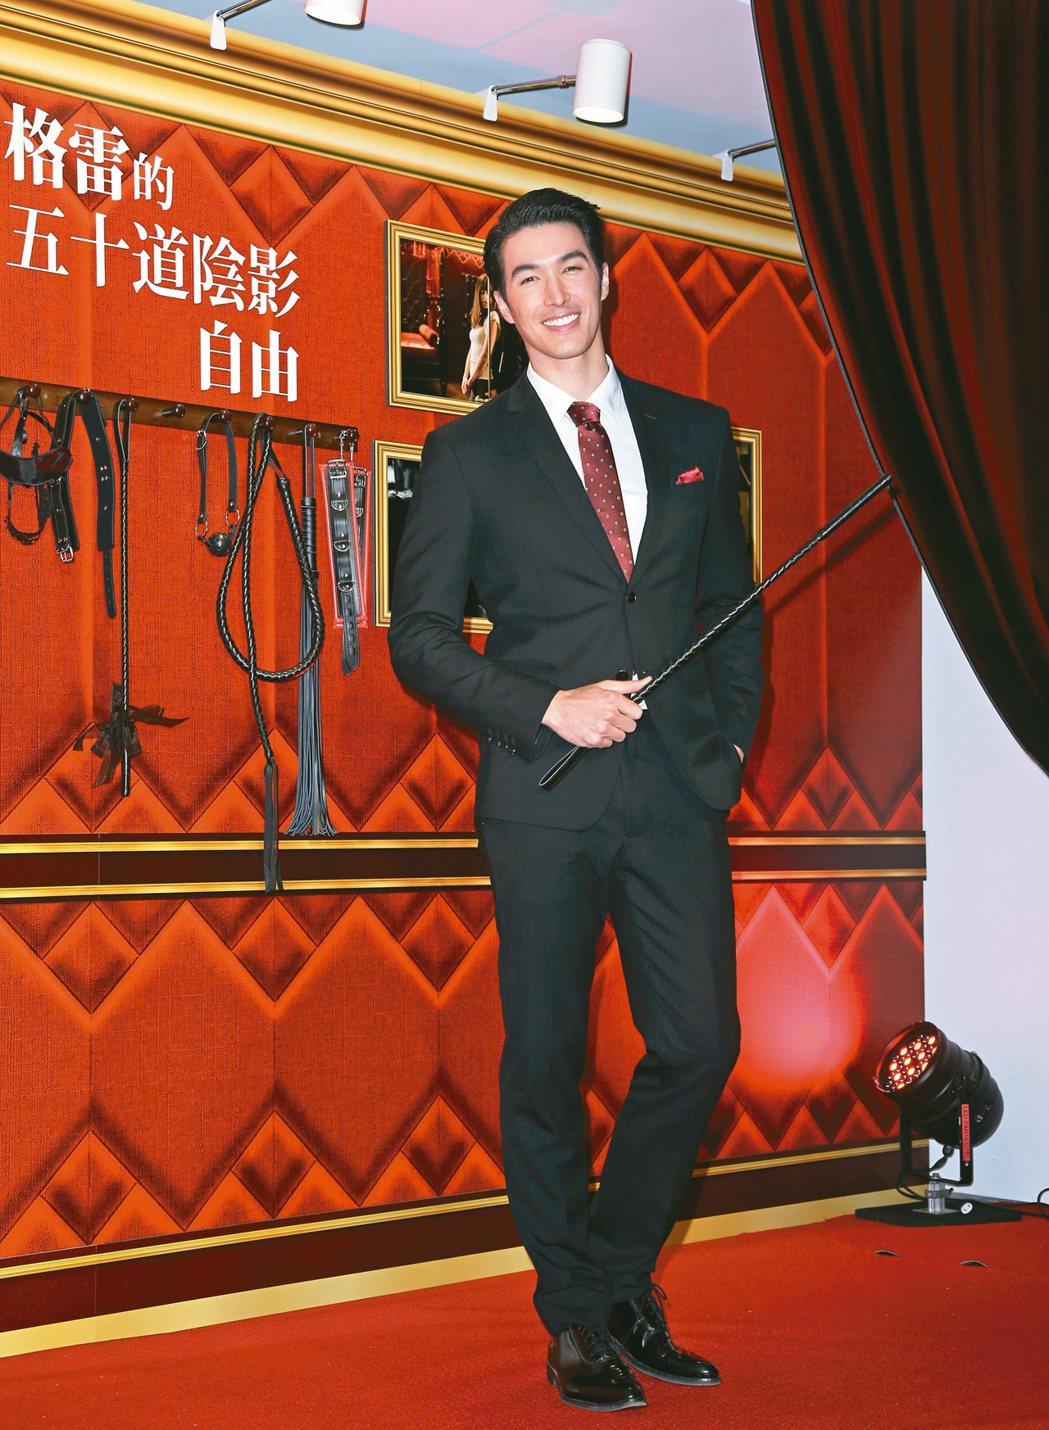 錦榮(圖)昨出席「格雷的五十道陰影:自由」首映會。記者陳瑞源攝影